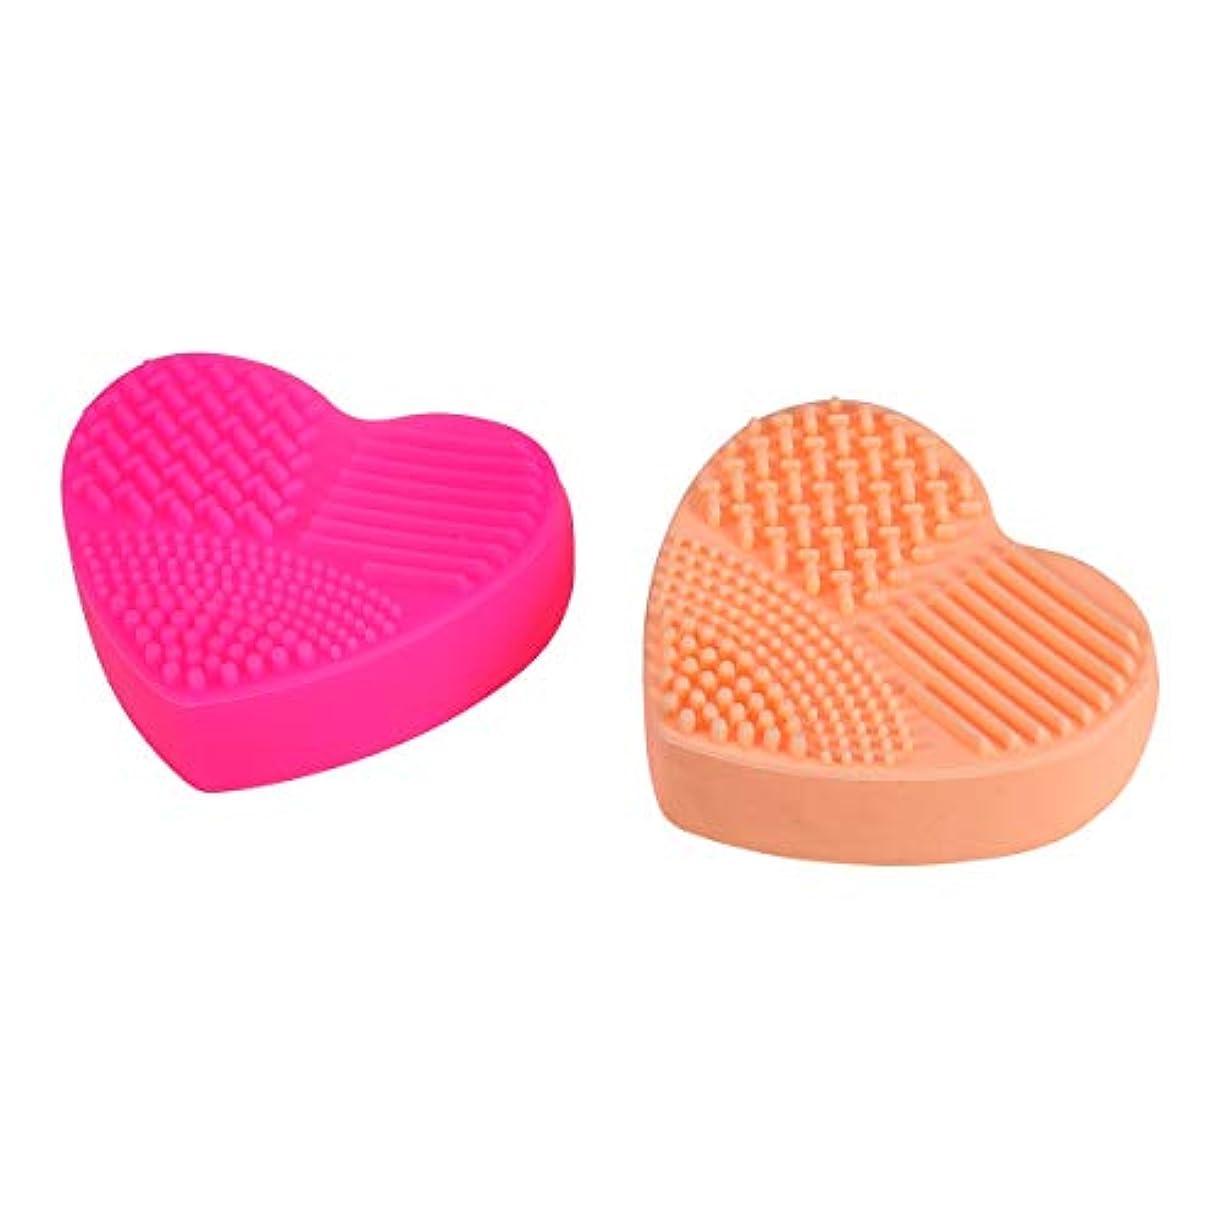 神経障害オーブンBeaupretty 2本シリコン化粧ブラシクリーニングマットハート型化粧ブラシクリーニングパッドポータブル洗濯道具(バラ色、オレンジ)